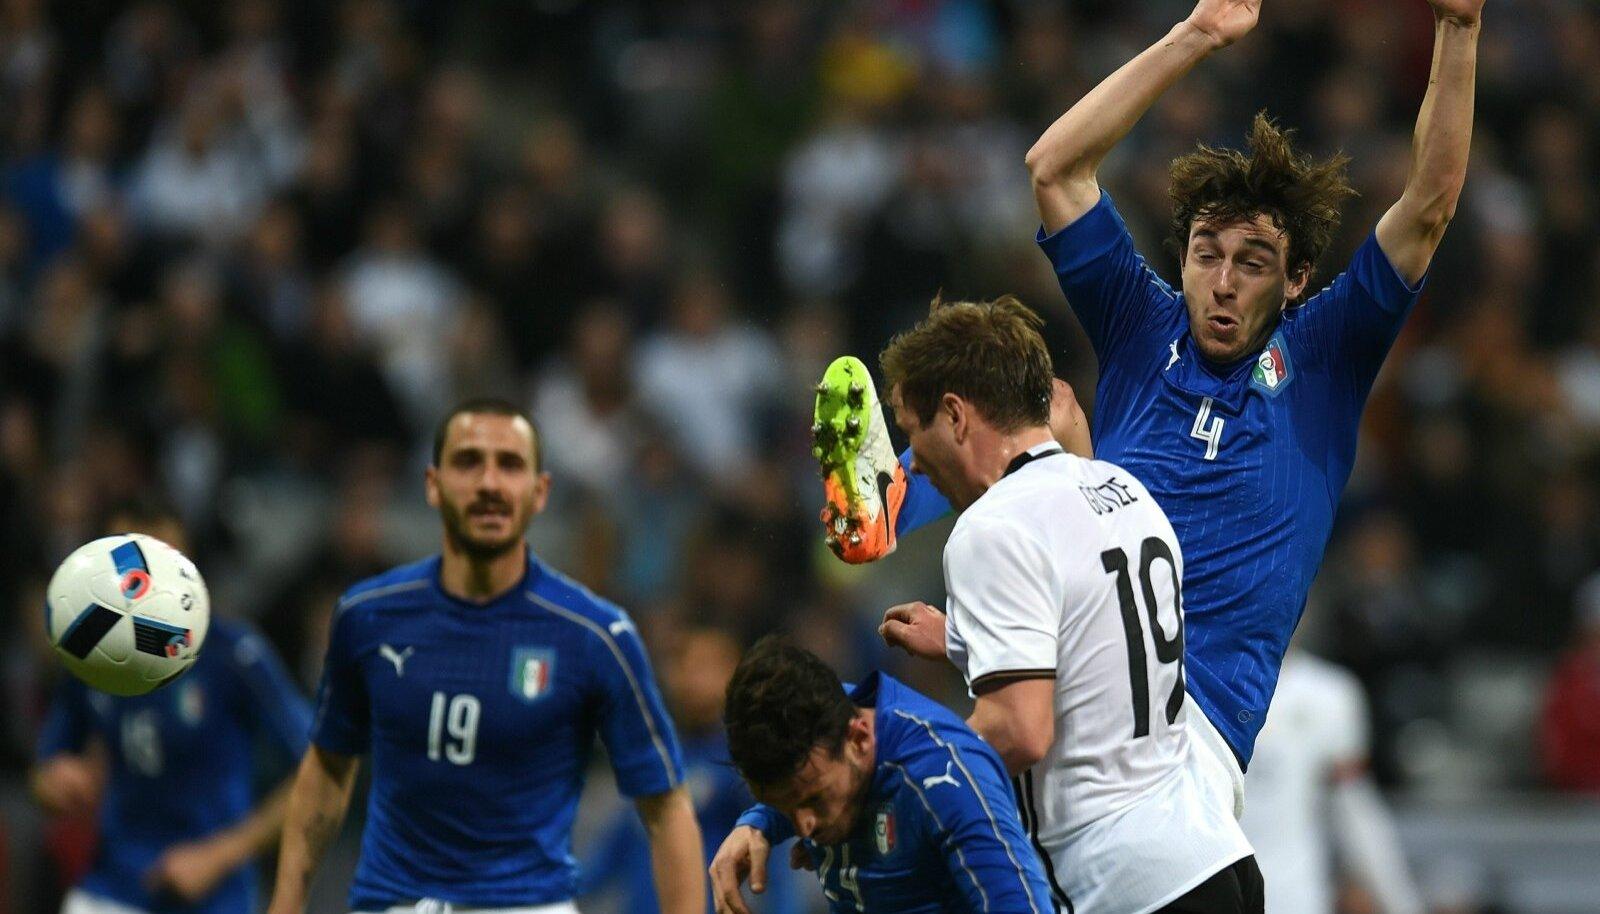 Kas Itaalia suudab Saksamaale samamoodi vastu nina anda nagu seni suurturniiridel?